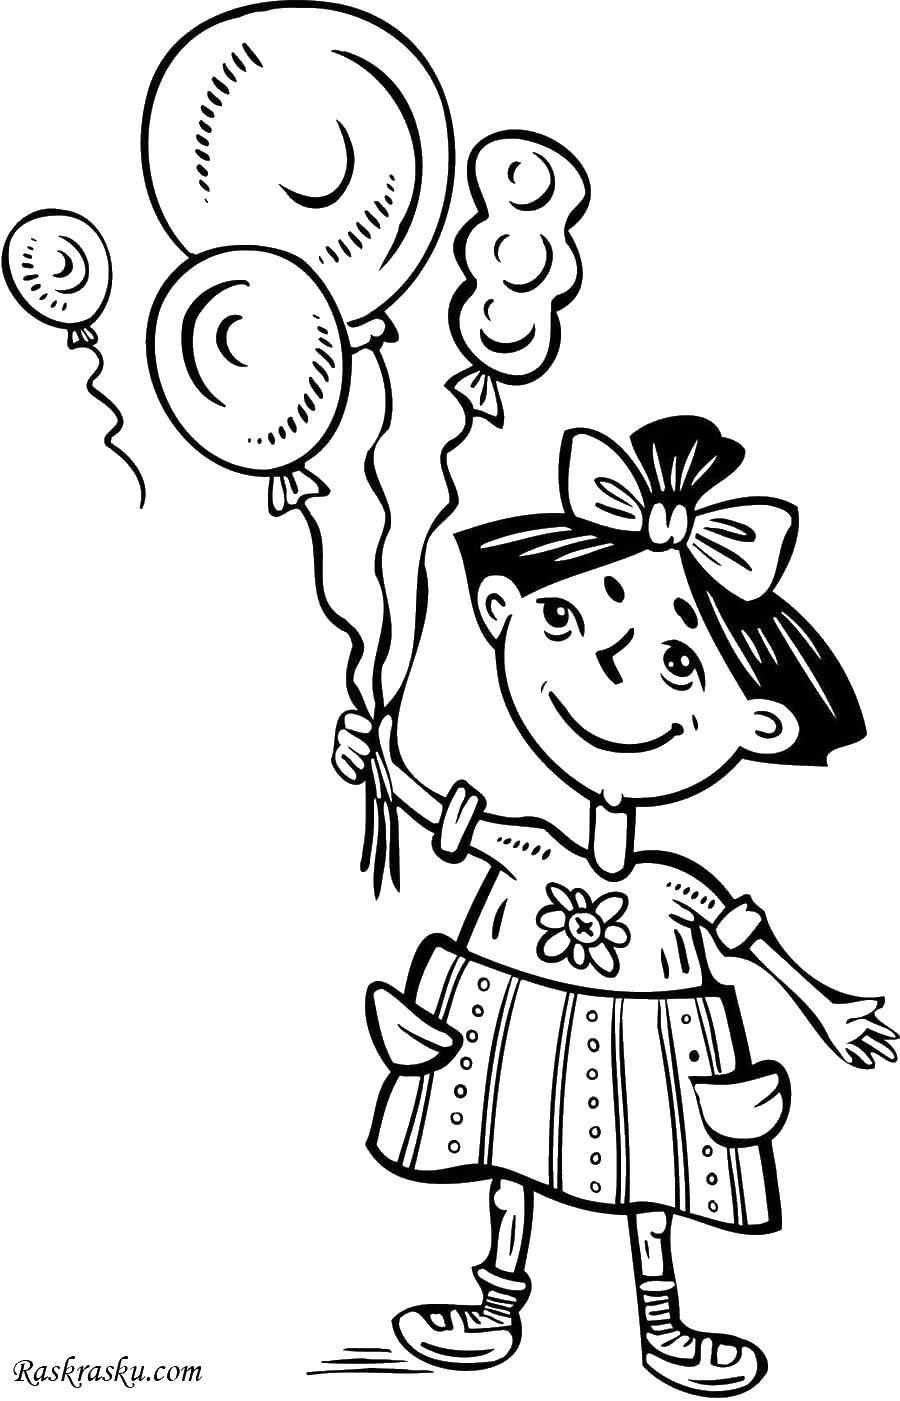 Раскраска Девочка с шарами Скачать девочка, шары, дети.  Распечатать ,Девочка,